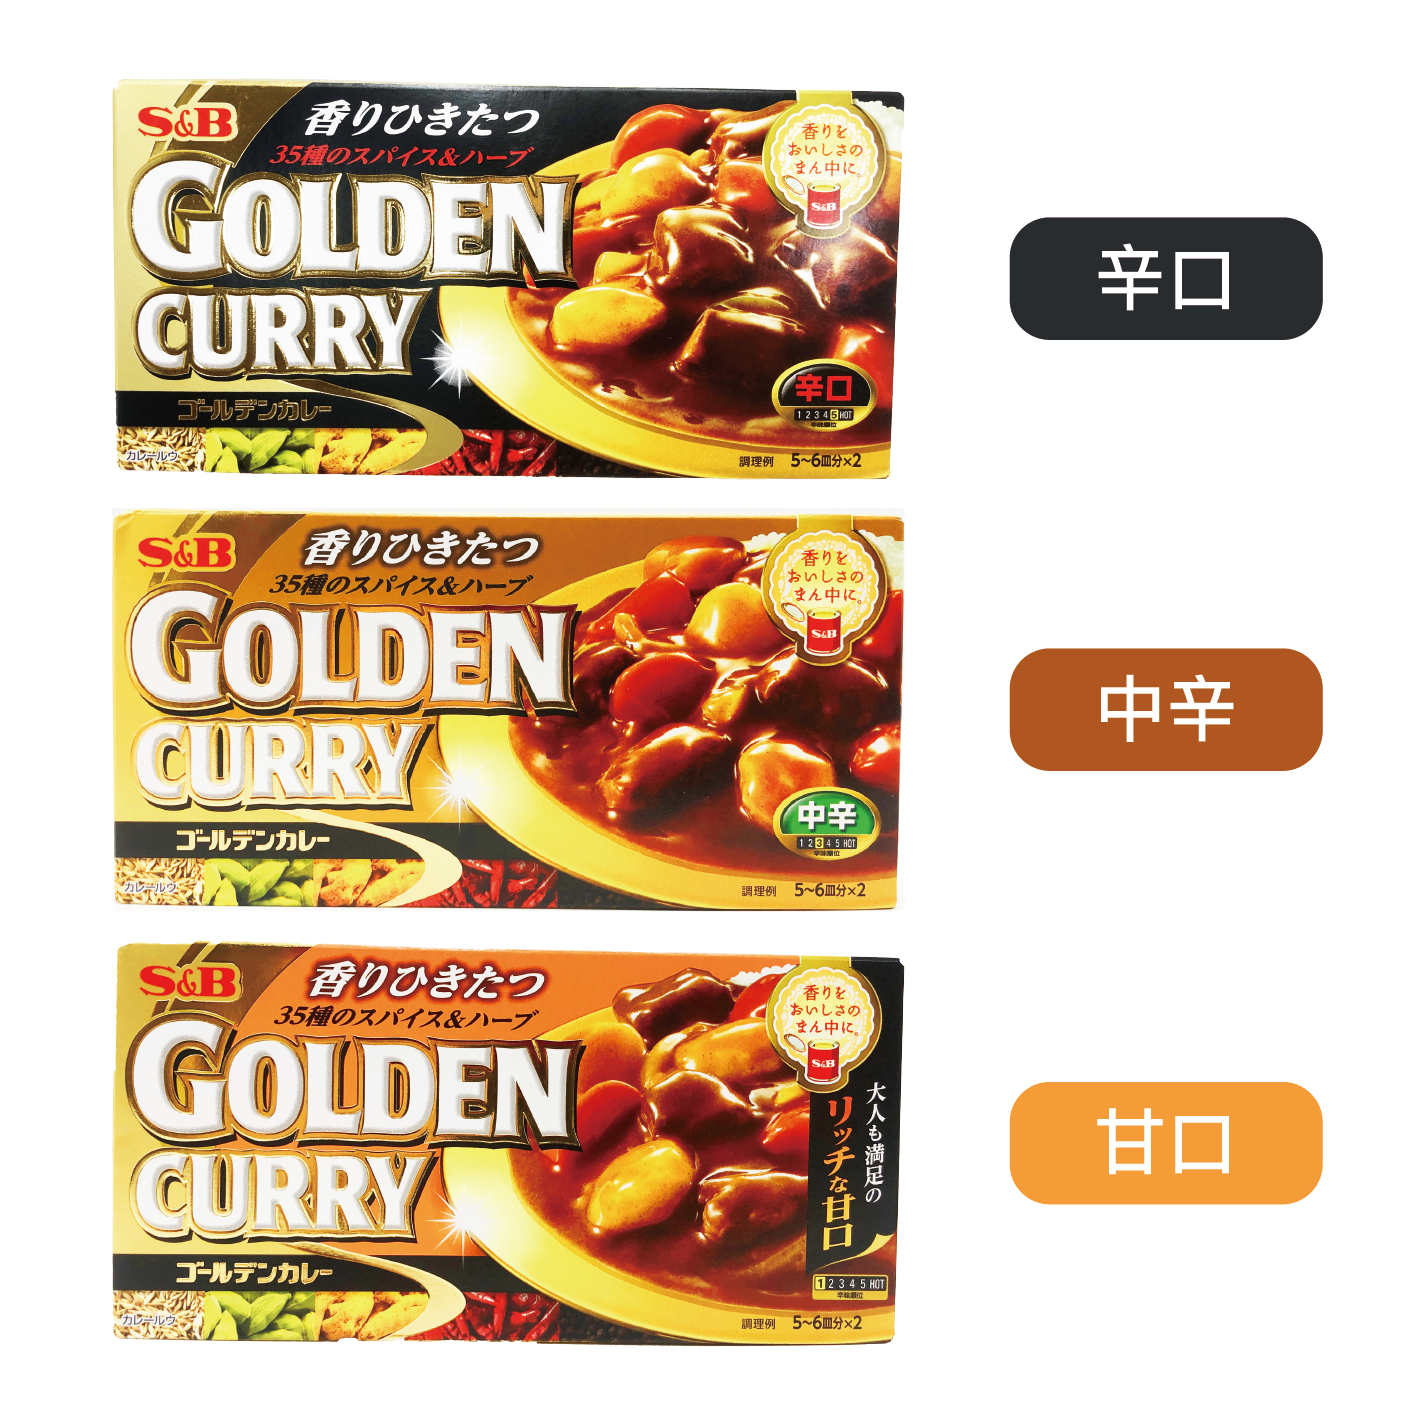 日本 S&B 黃金咖哩塊 甘口/中辛/辛口 198g  咖哩塊 咖哩